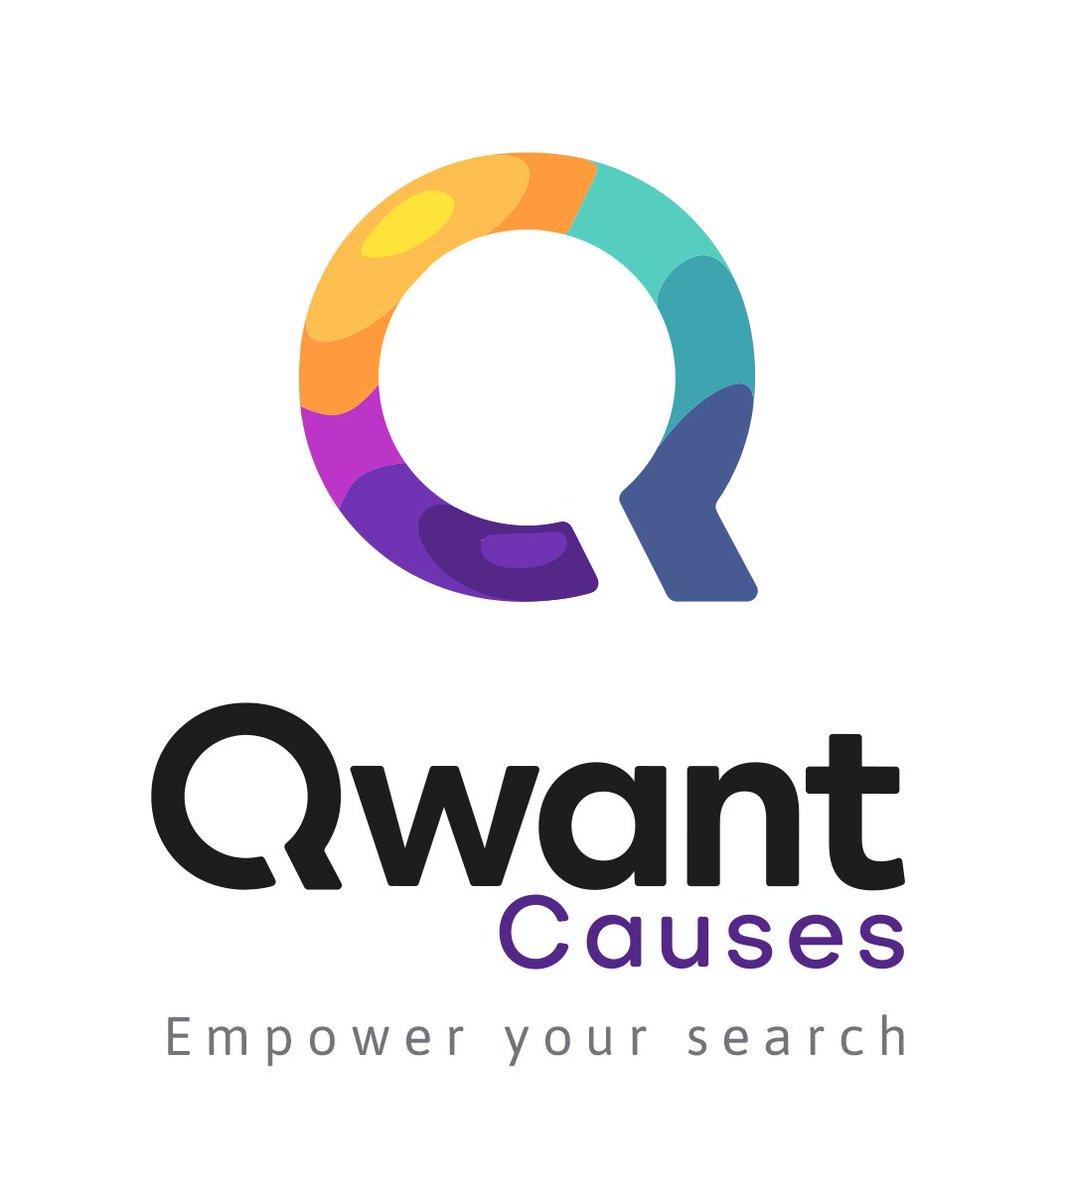 Qwant a développé #QwantCauses, le moteur de l'engagement citoyen avec le premier et le plus complet index des associations en France. En passant en mode #donations vous cumulez des Qoz que vous redistribuez à l'asso de votre choix et toujours #privacy https://www.qwant.com/causes/